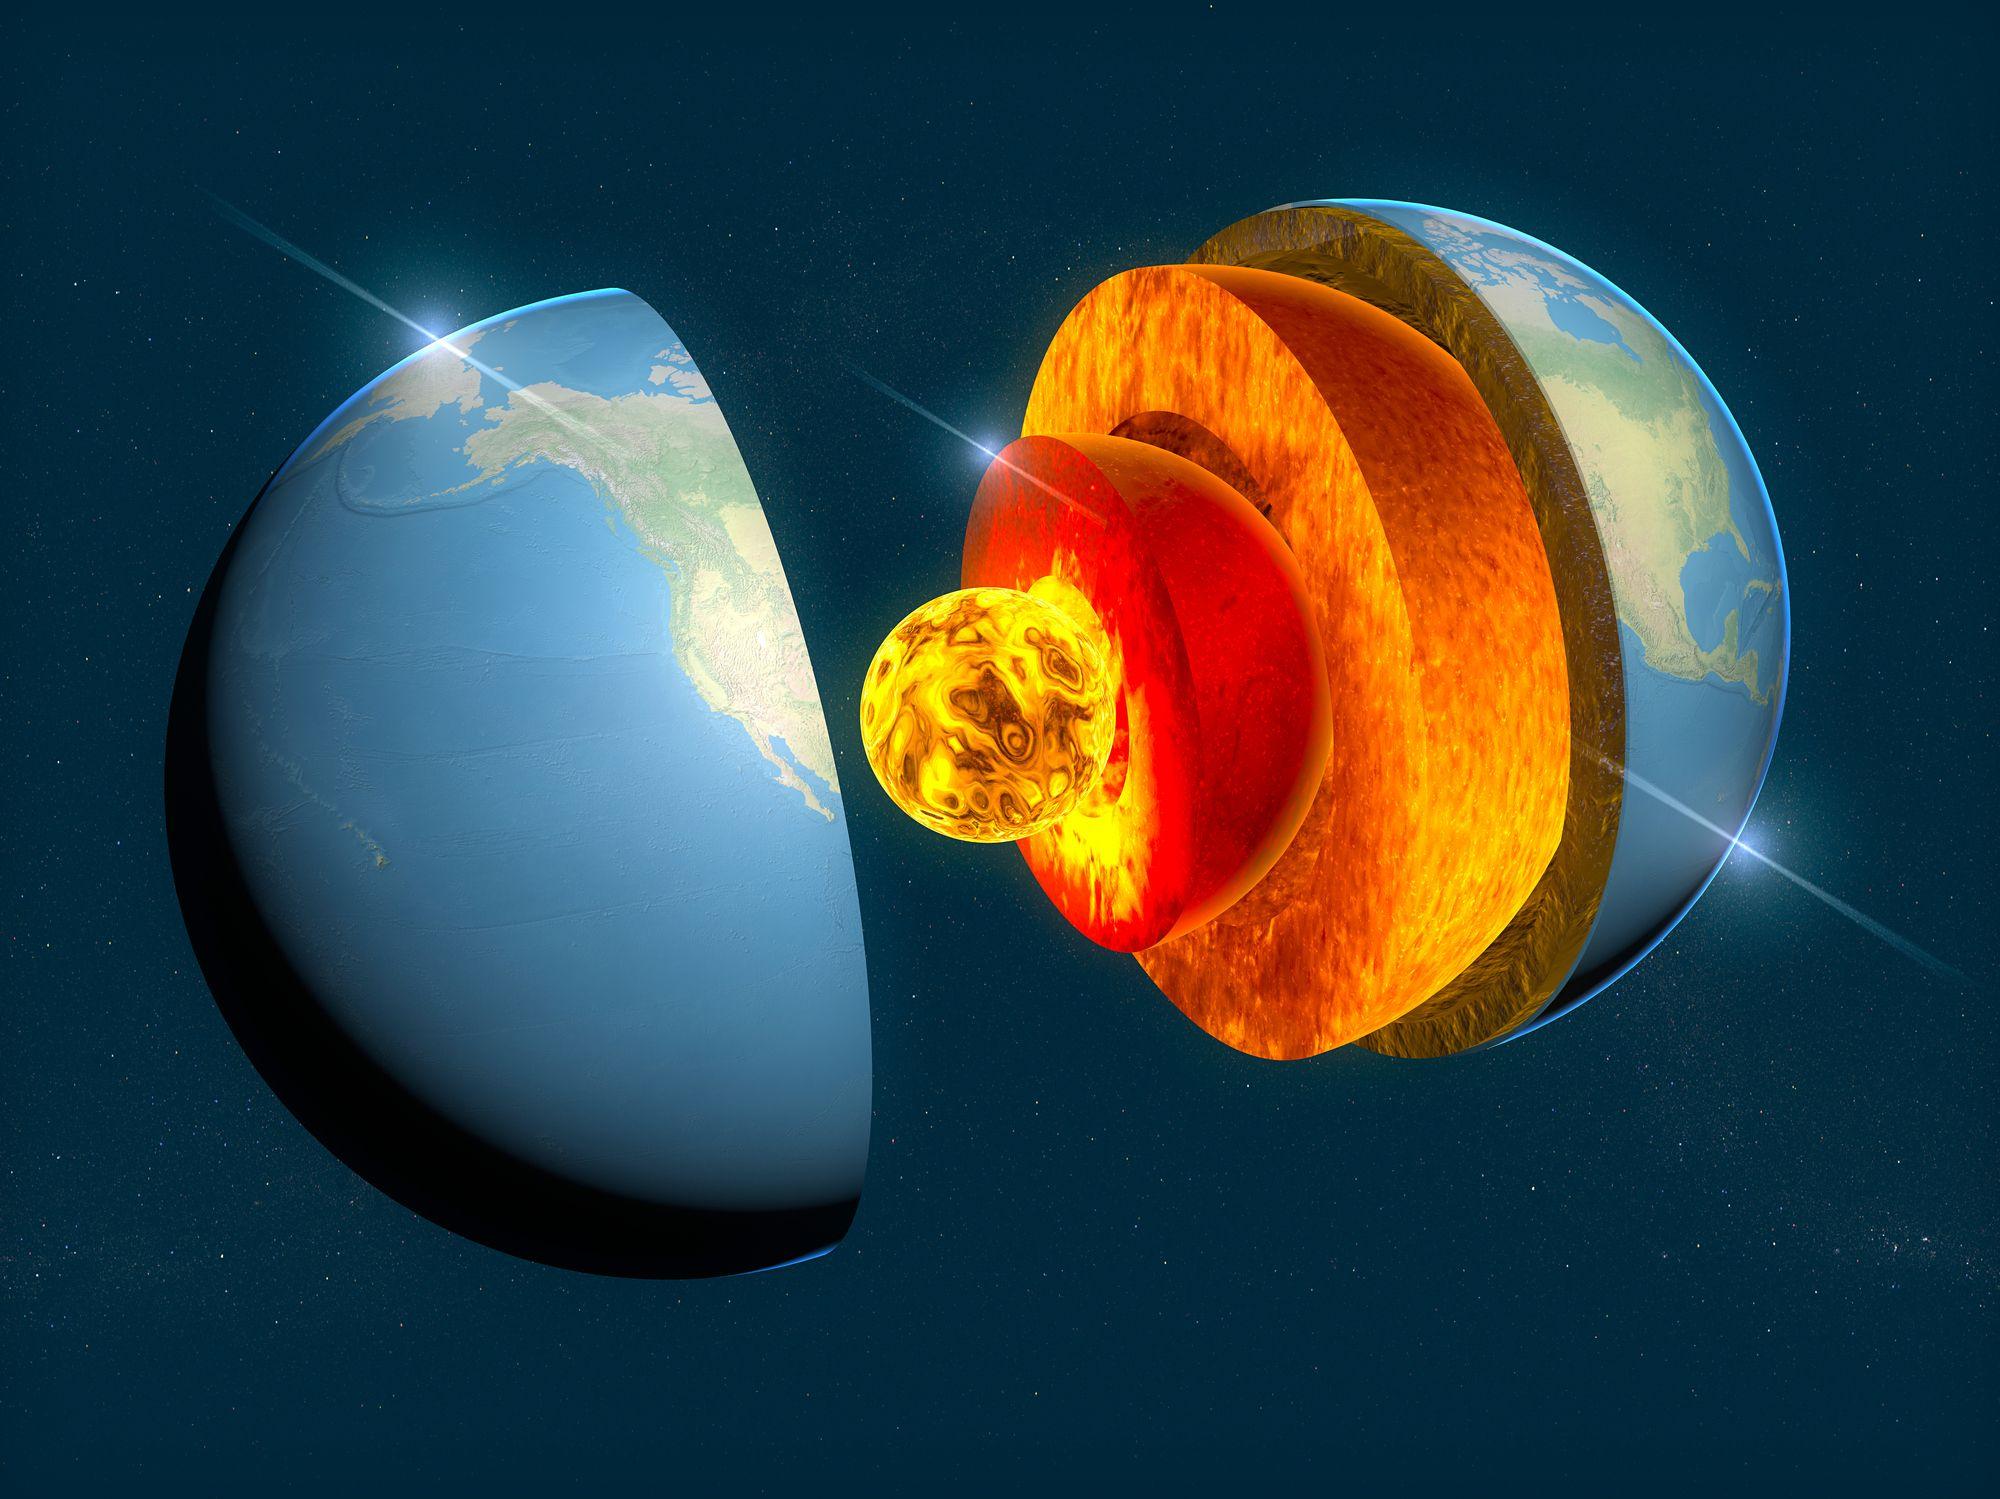 6_29_Earth's Interior